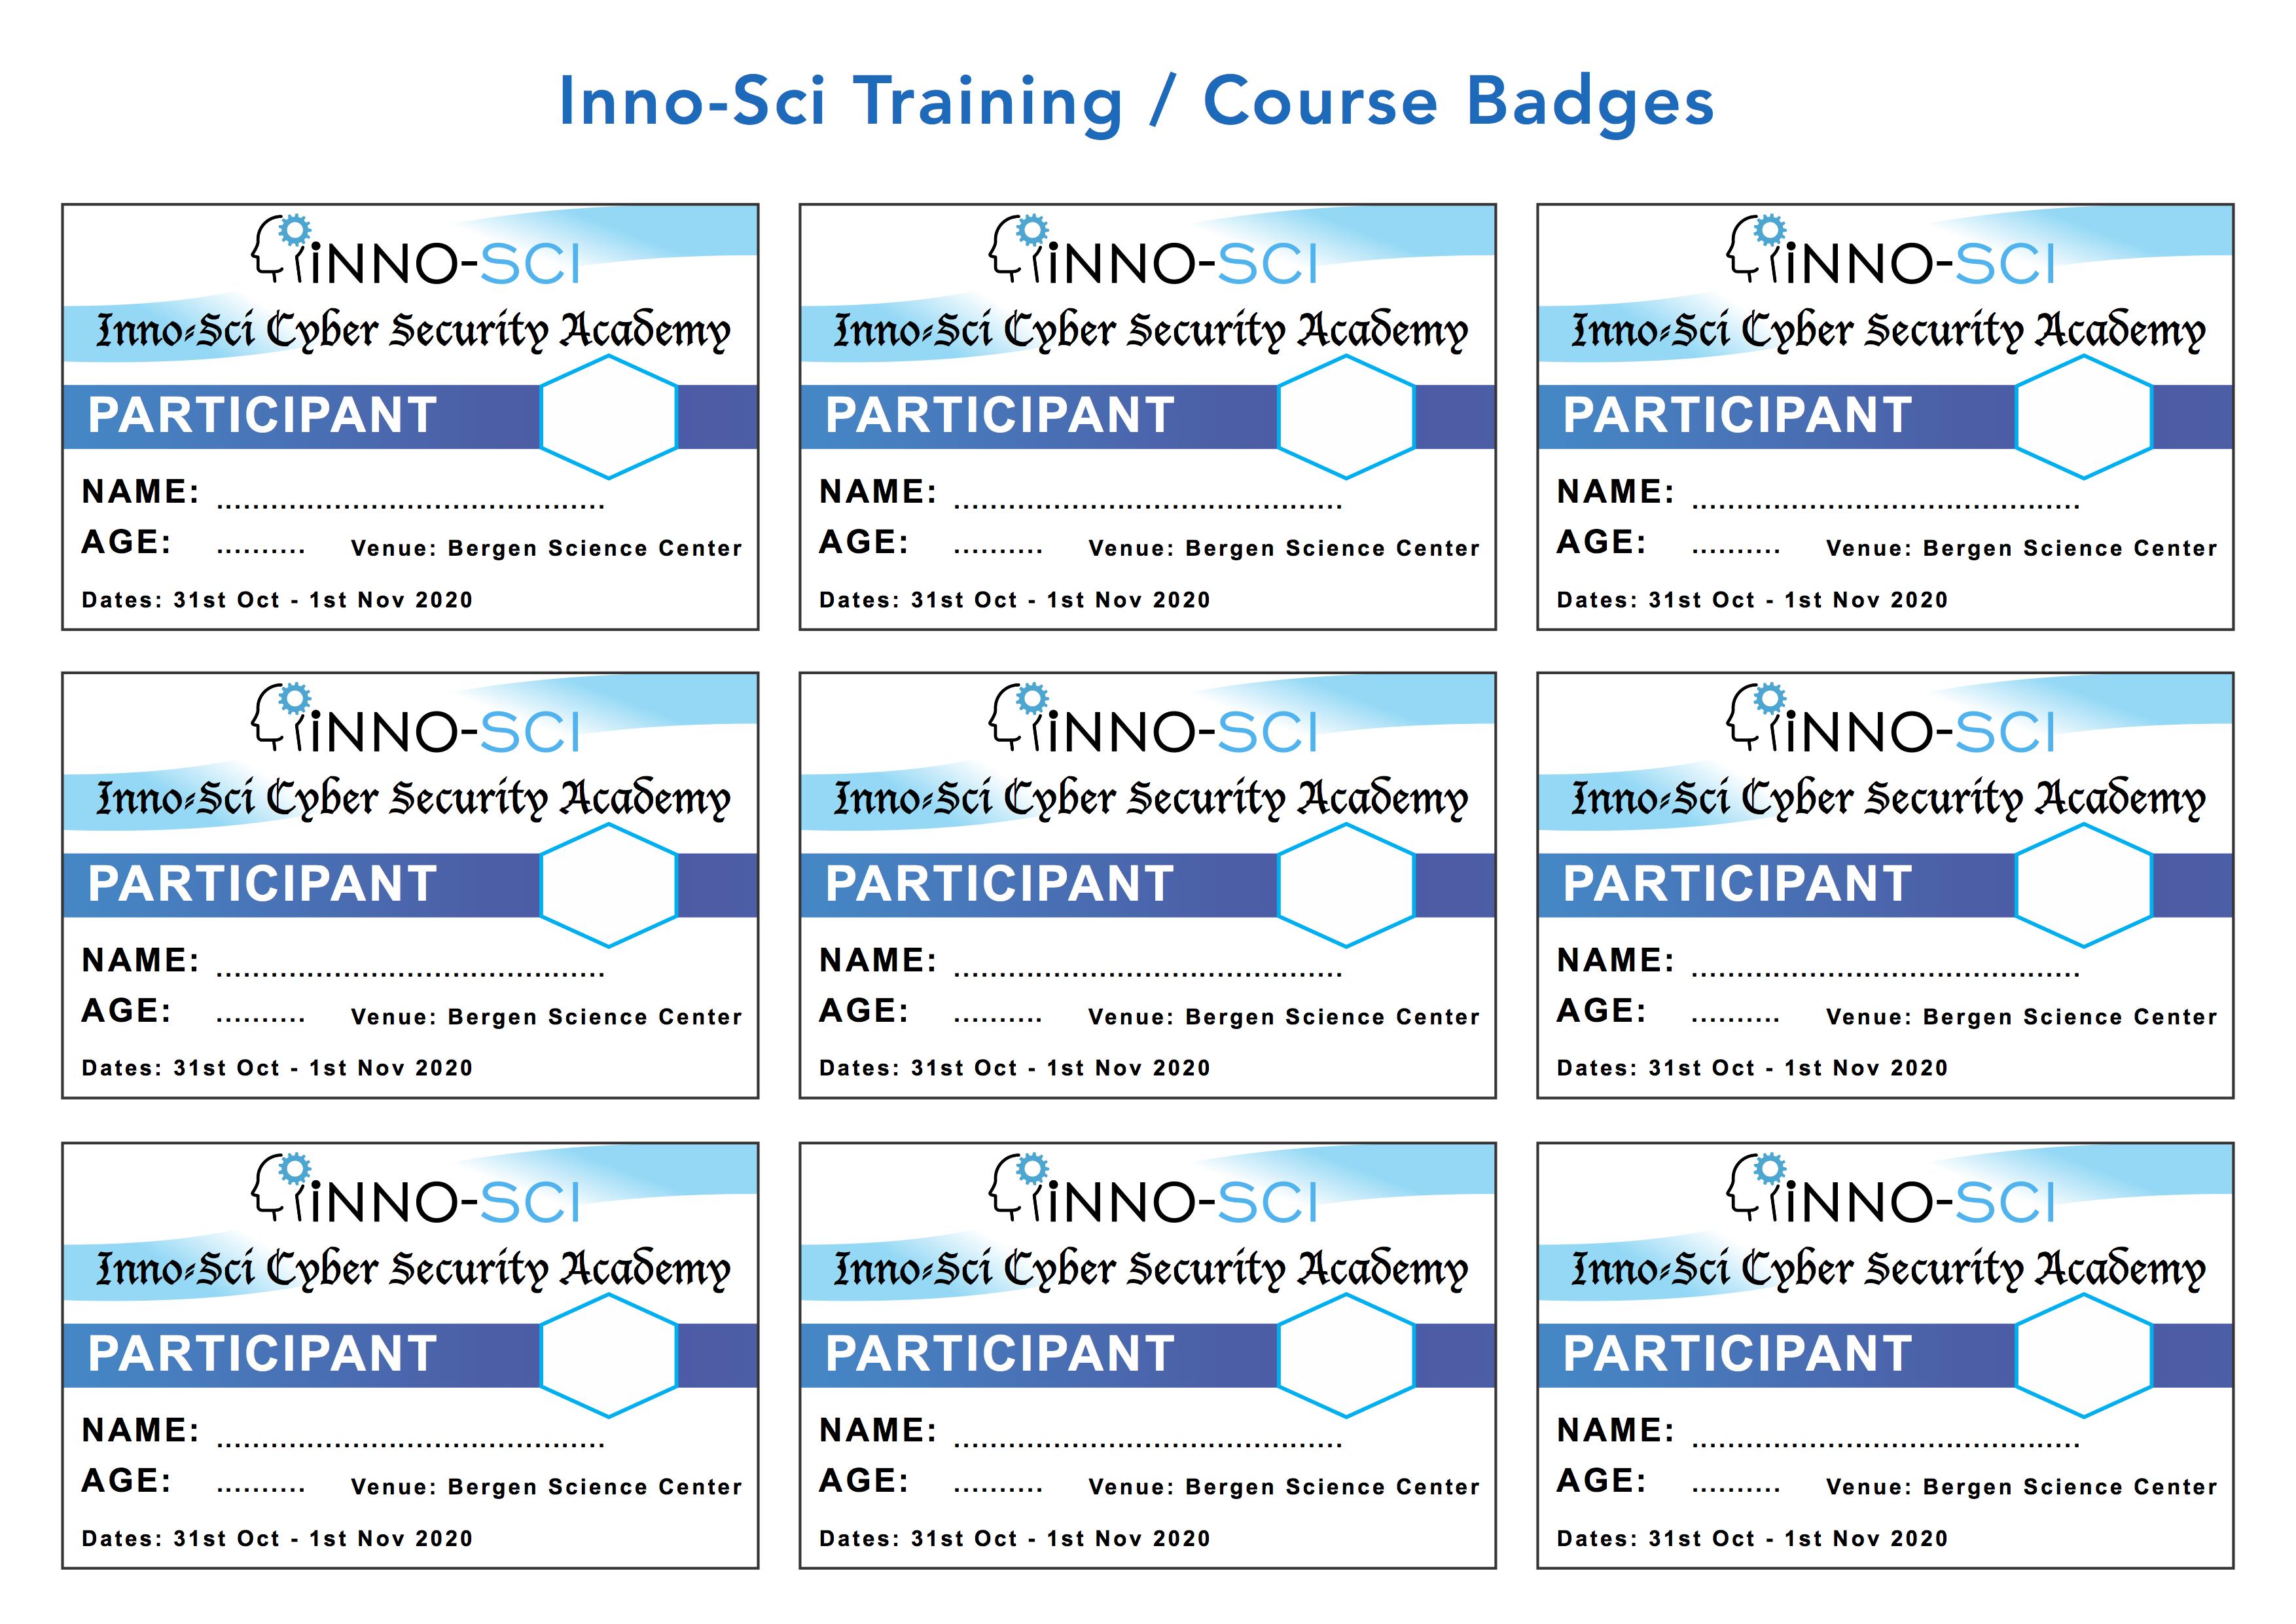 Inno-Sci Training : Course Badges